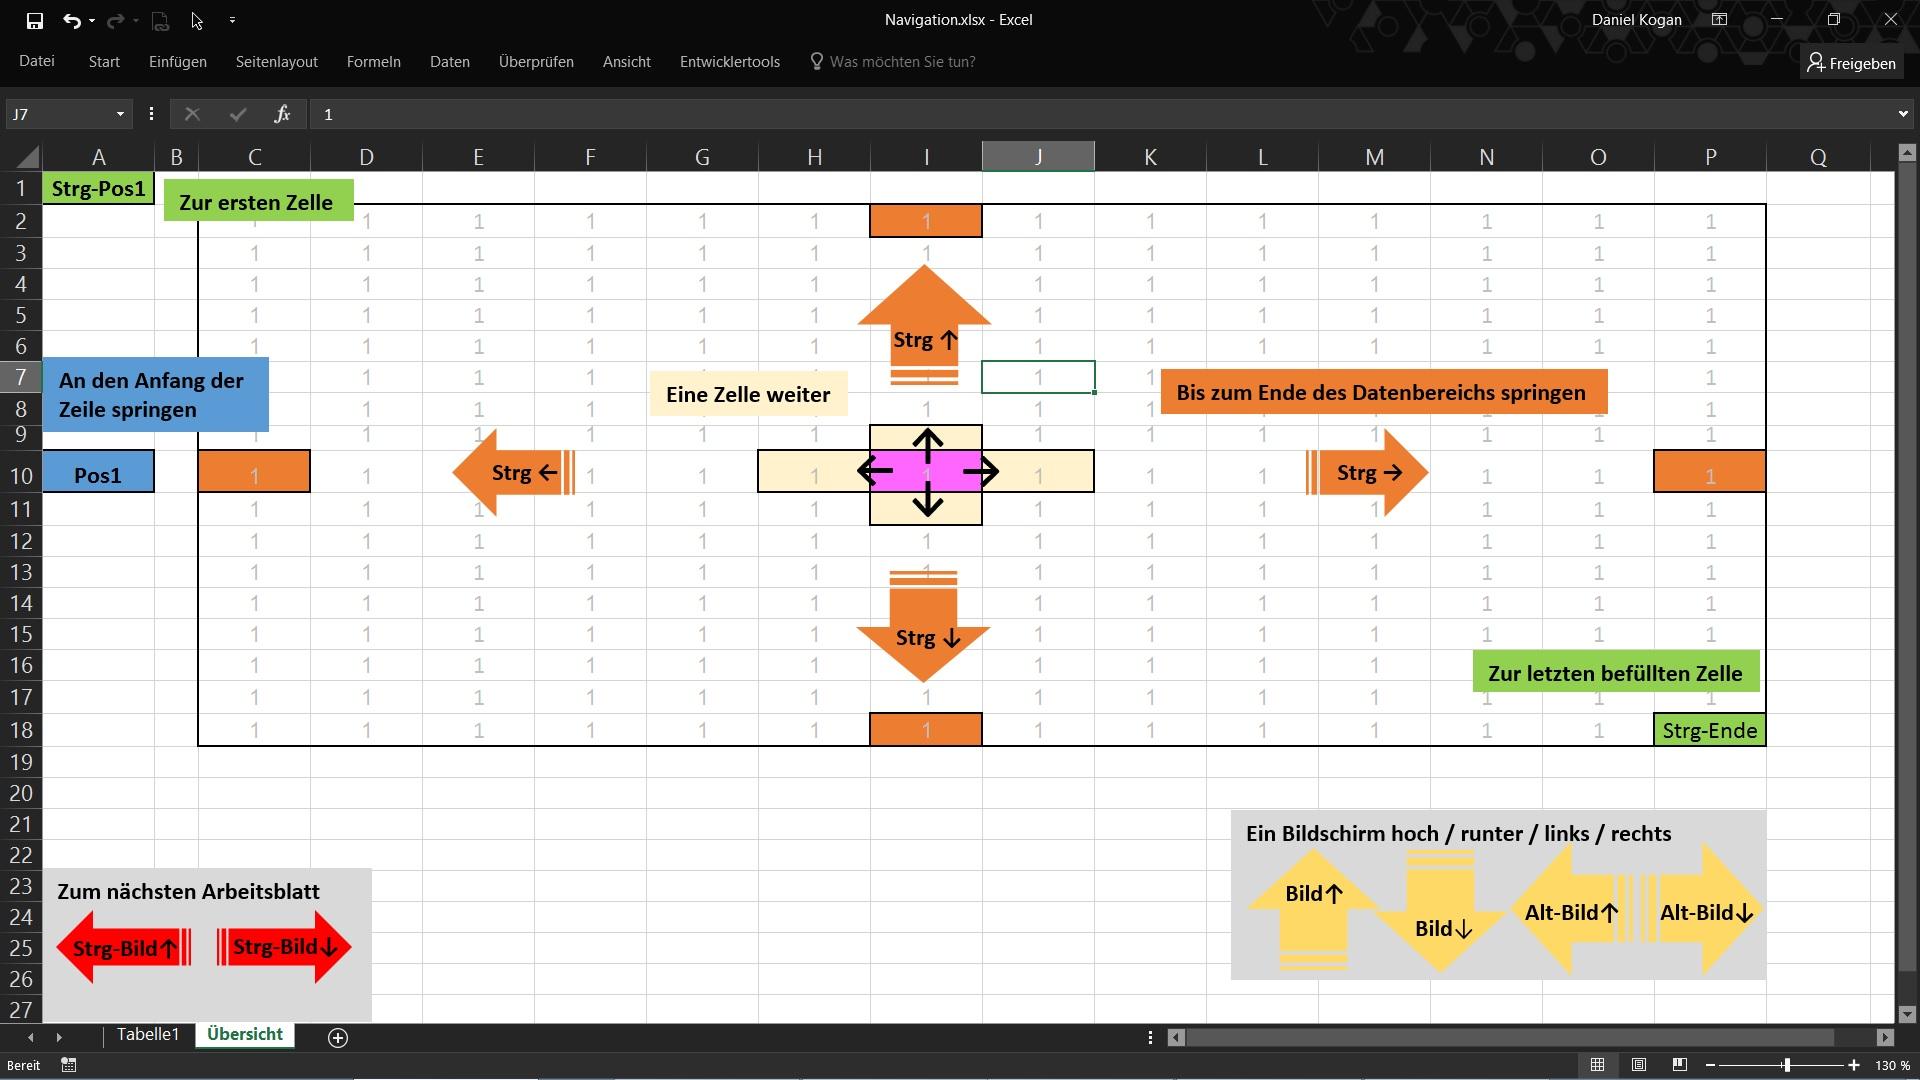 Excel Navigation